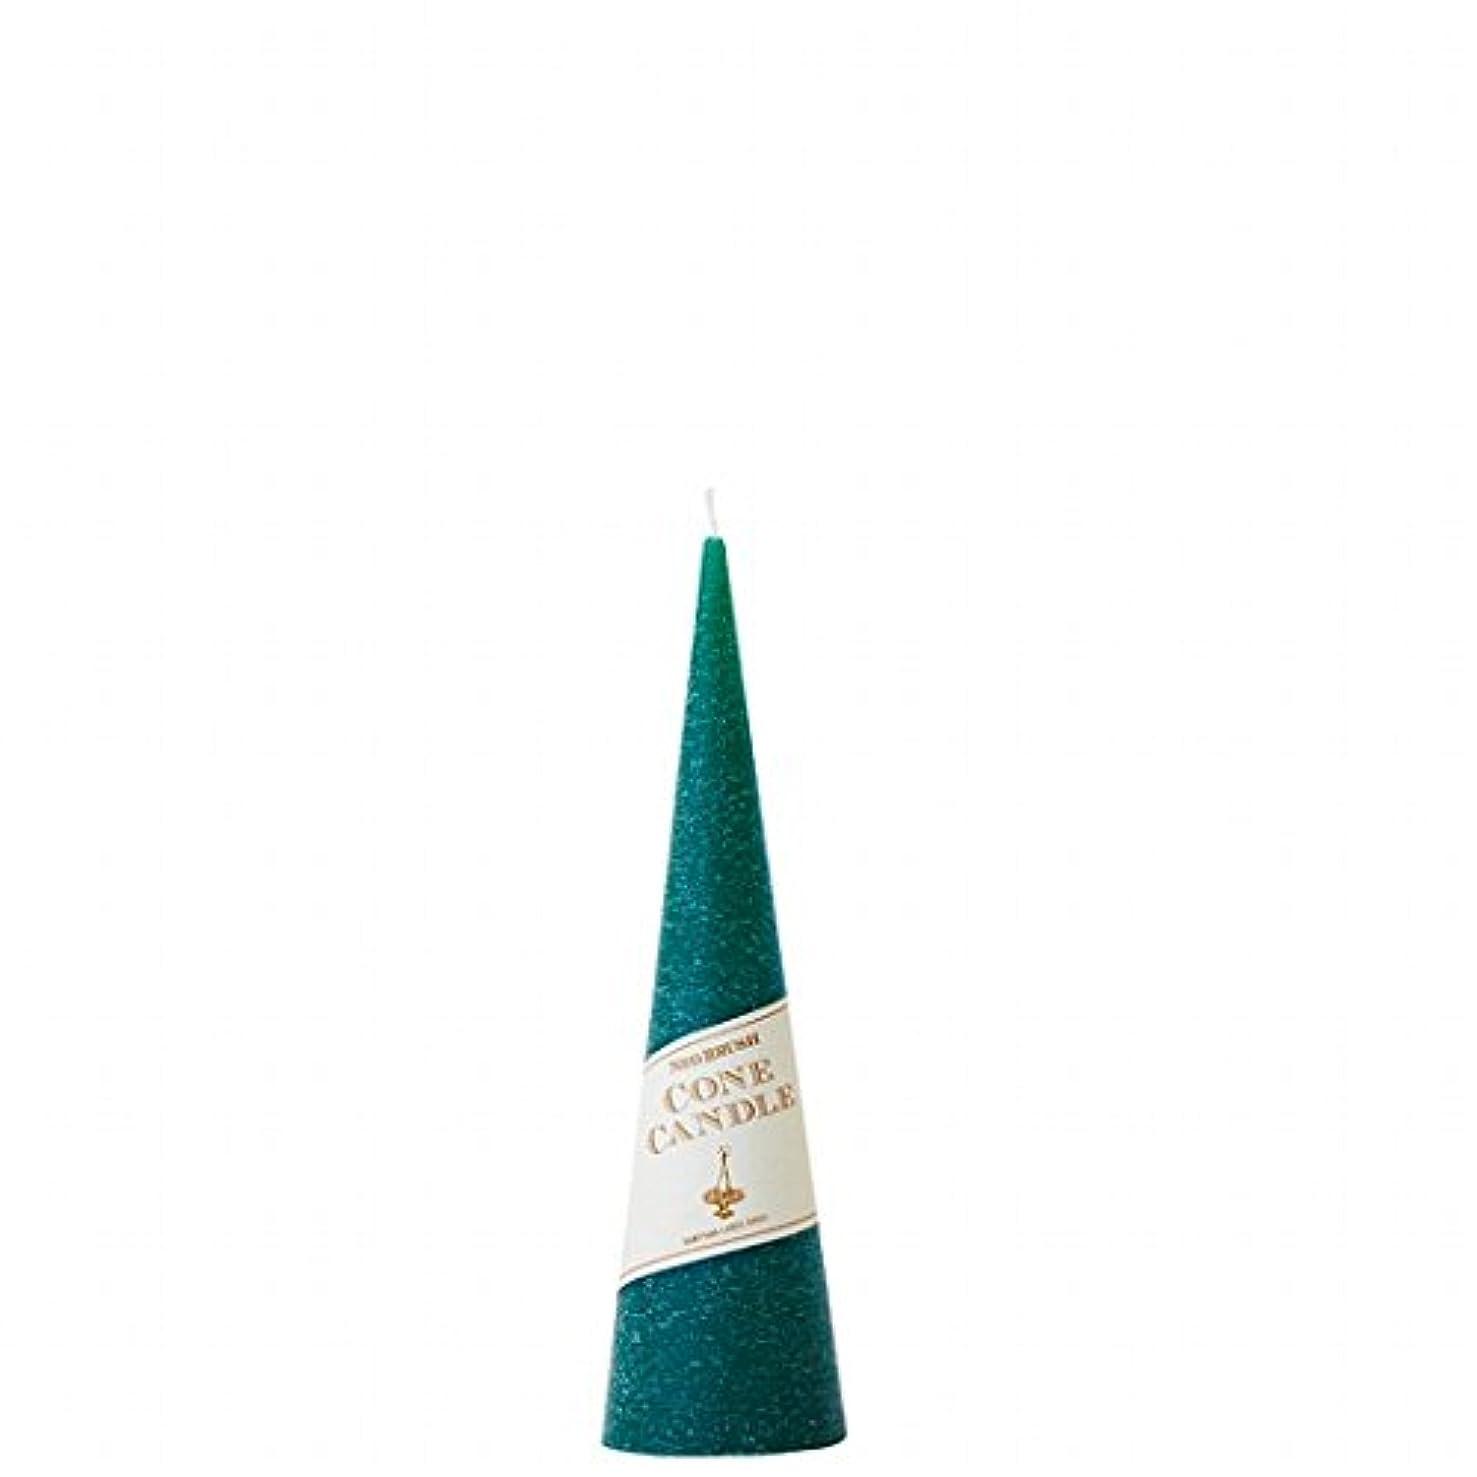 管理者の面ではエゴマニアkameyama candle(カメヤマキャンドル) ネオブラッシュコーン 180 キャンドル 「 グリーン 」(A9750010G)